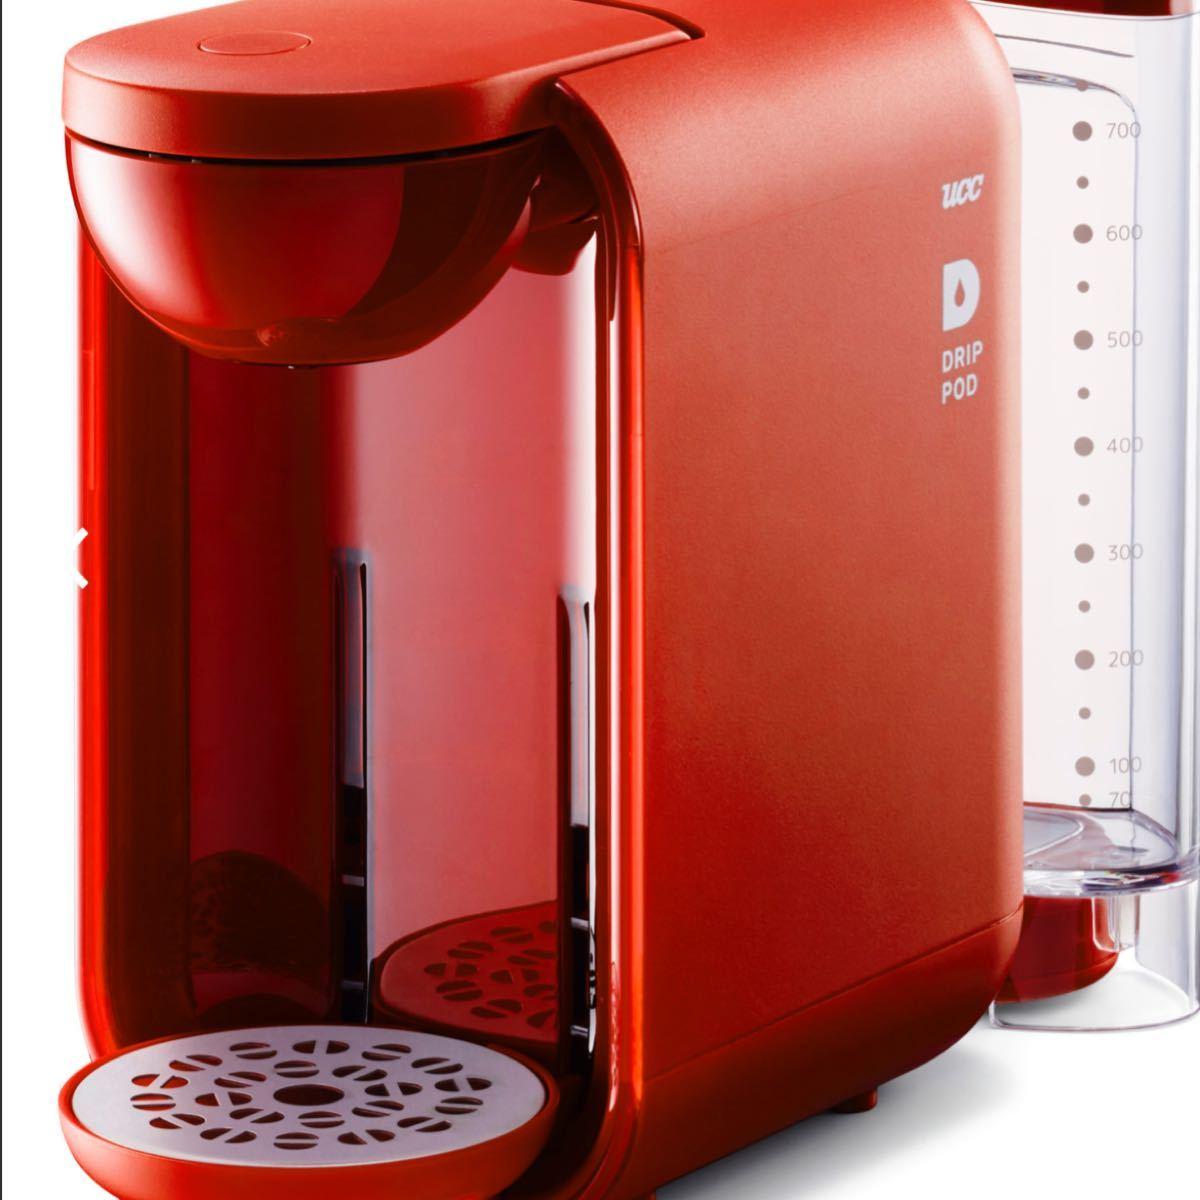 ドリップポッド コーヒーメーカー DP2